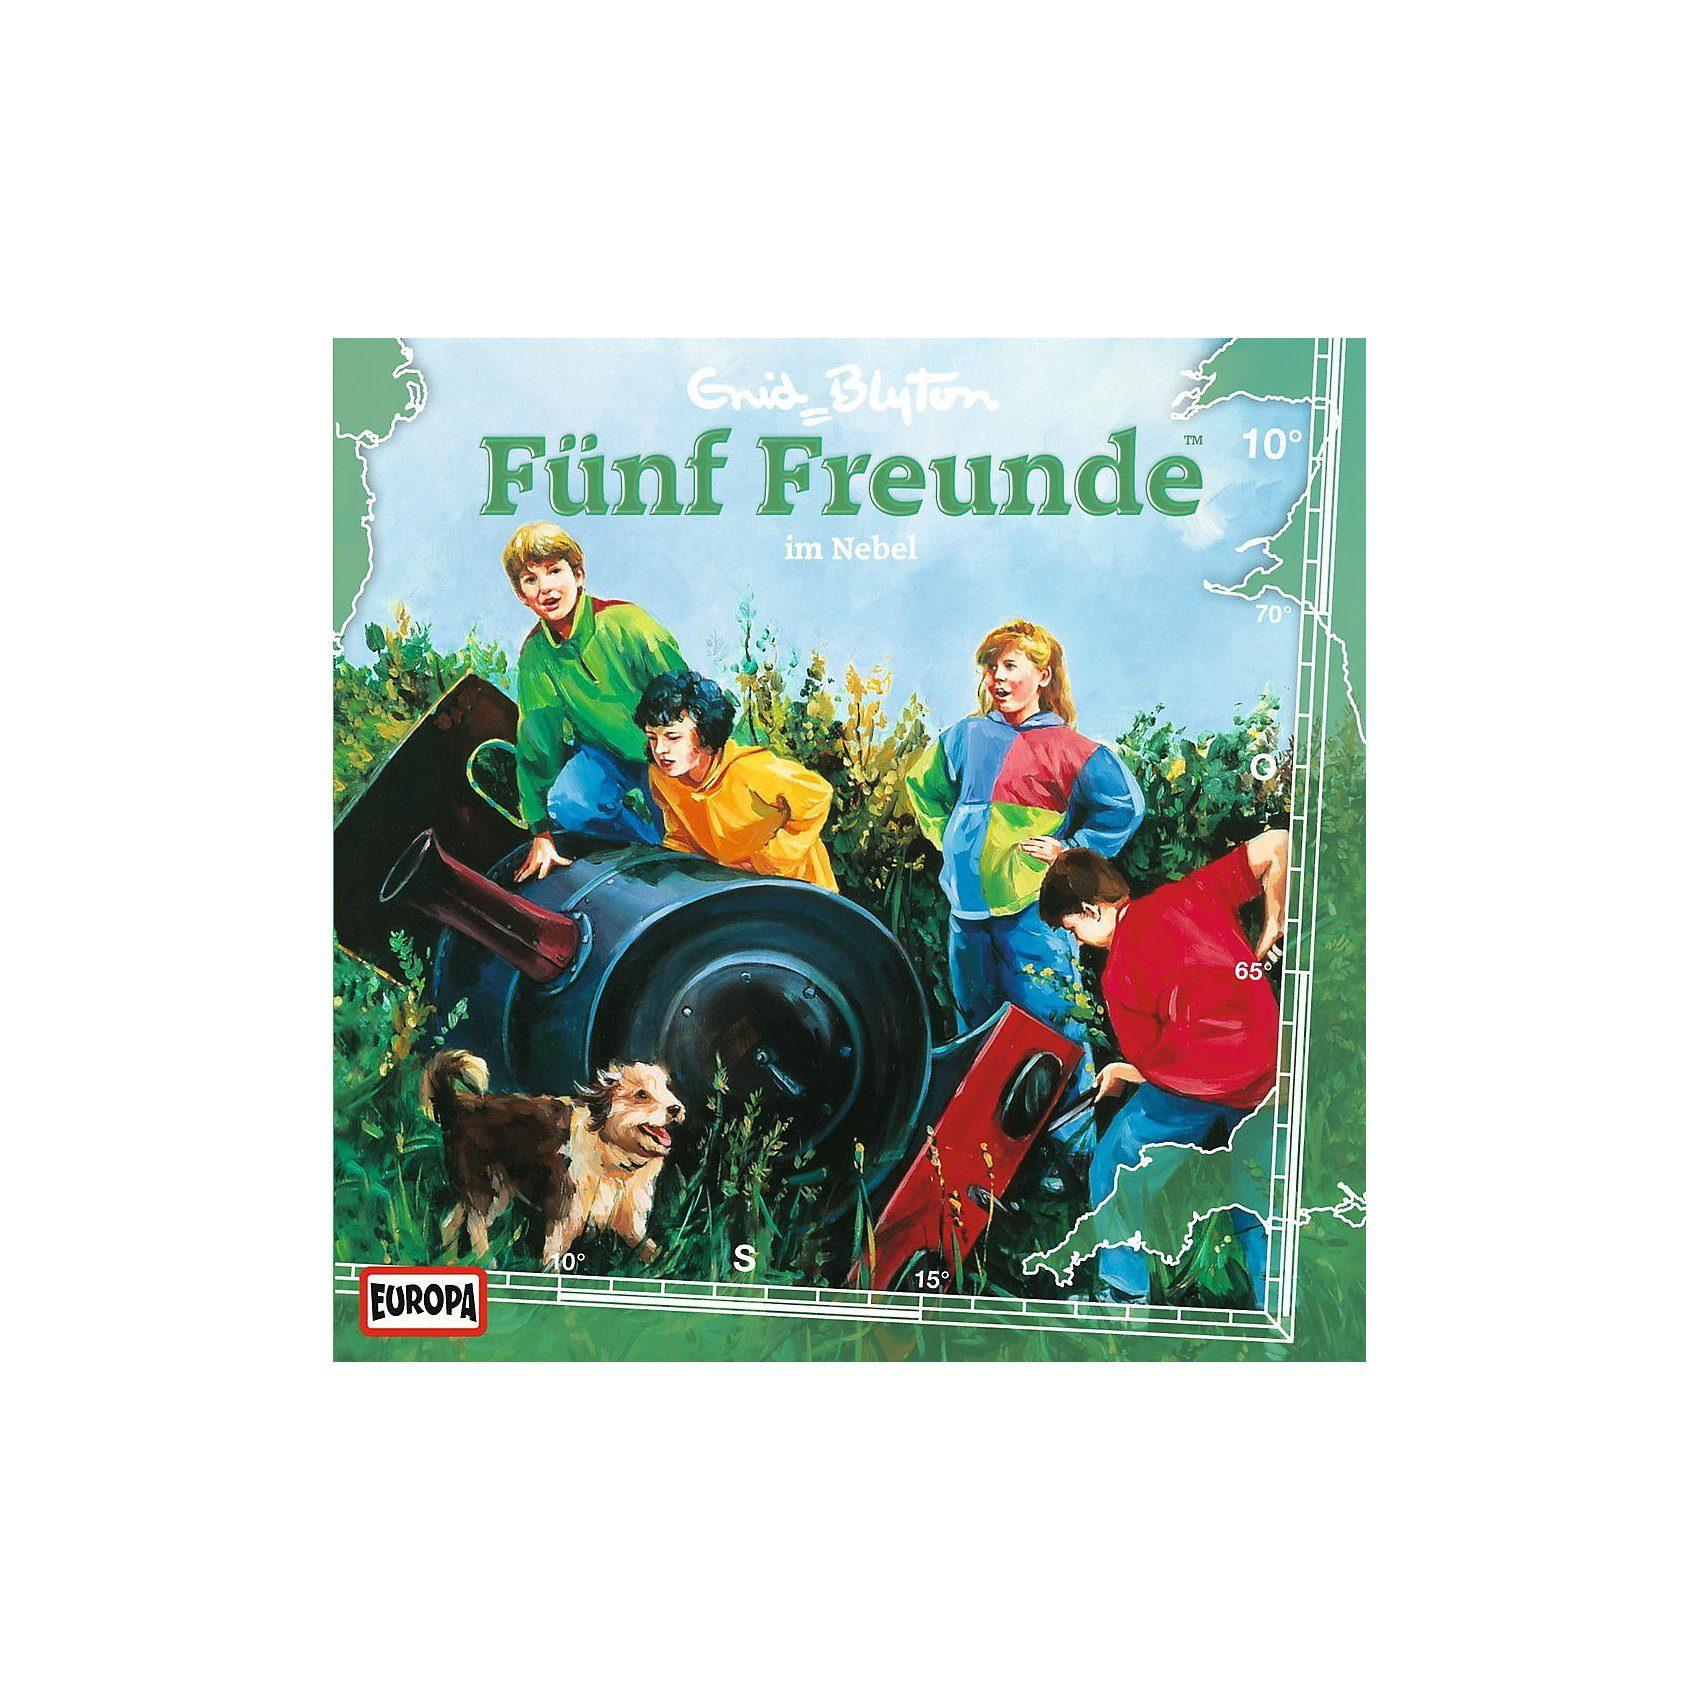 Sony CD Fünf Freunde 010/im Nebel